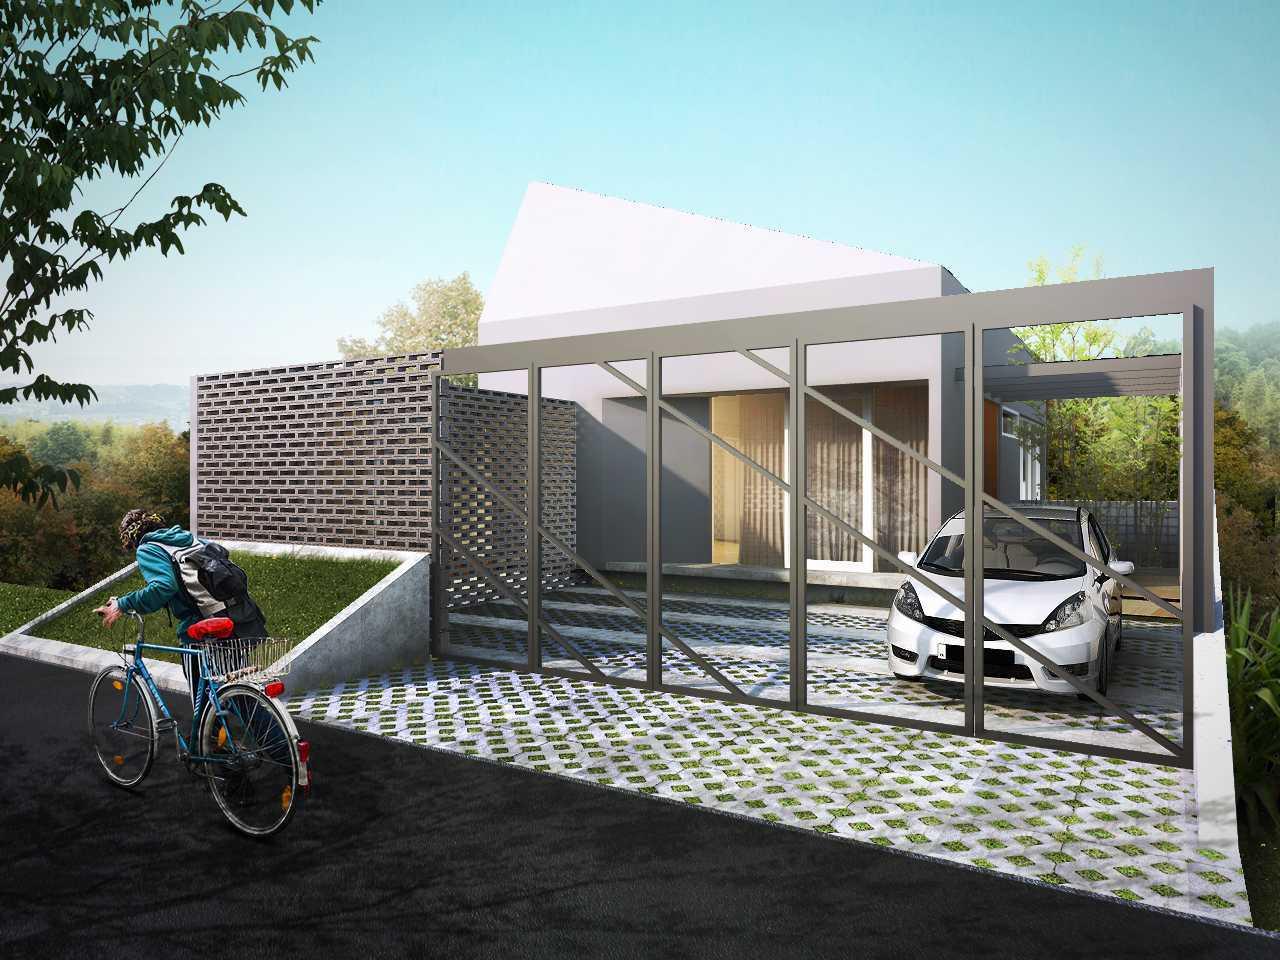 Gubah Ruang D-House Lembang, Kabupaten Bandung Barat, Jawa Barat, Indonesia Lembang, Kabupaten Bandung Barat, Jawa Barat, Indonesia Facade View Modern 50987